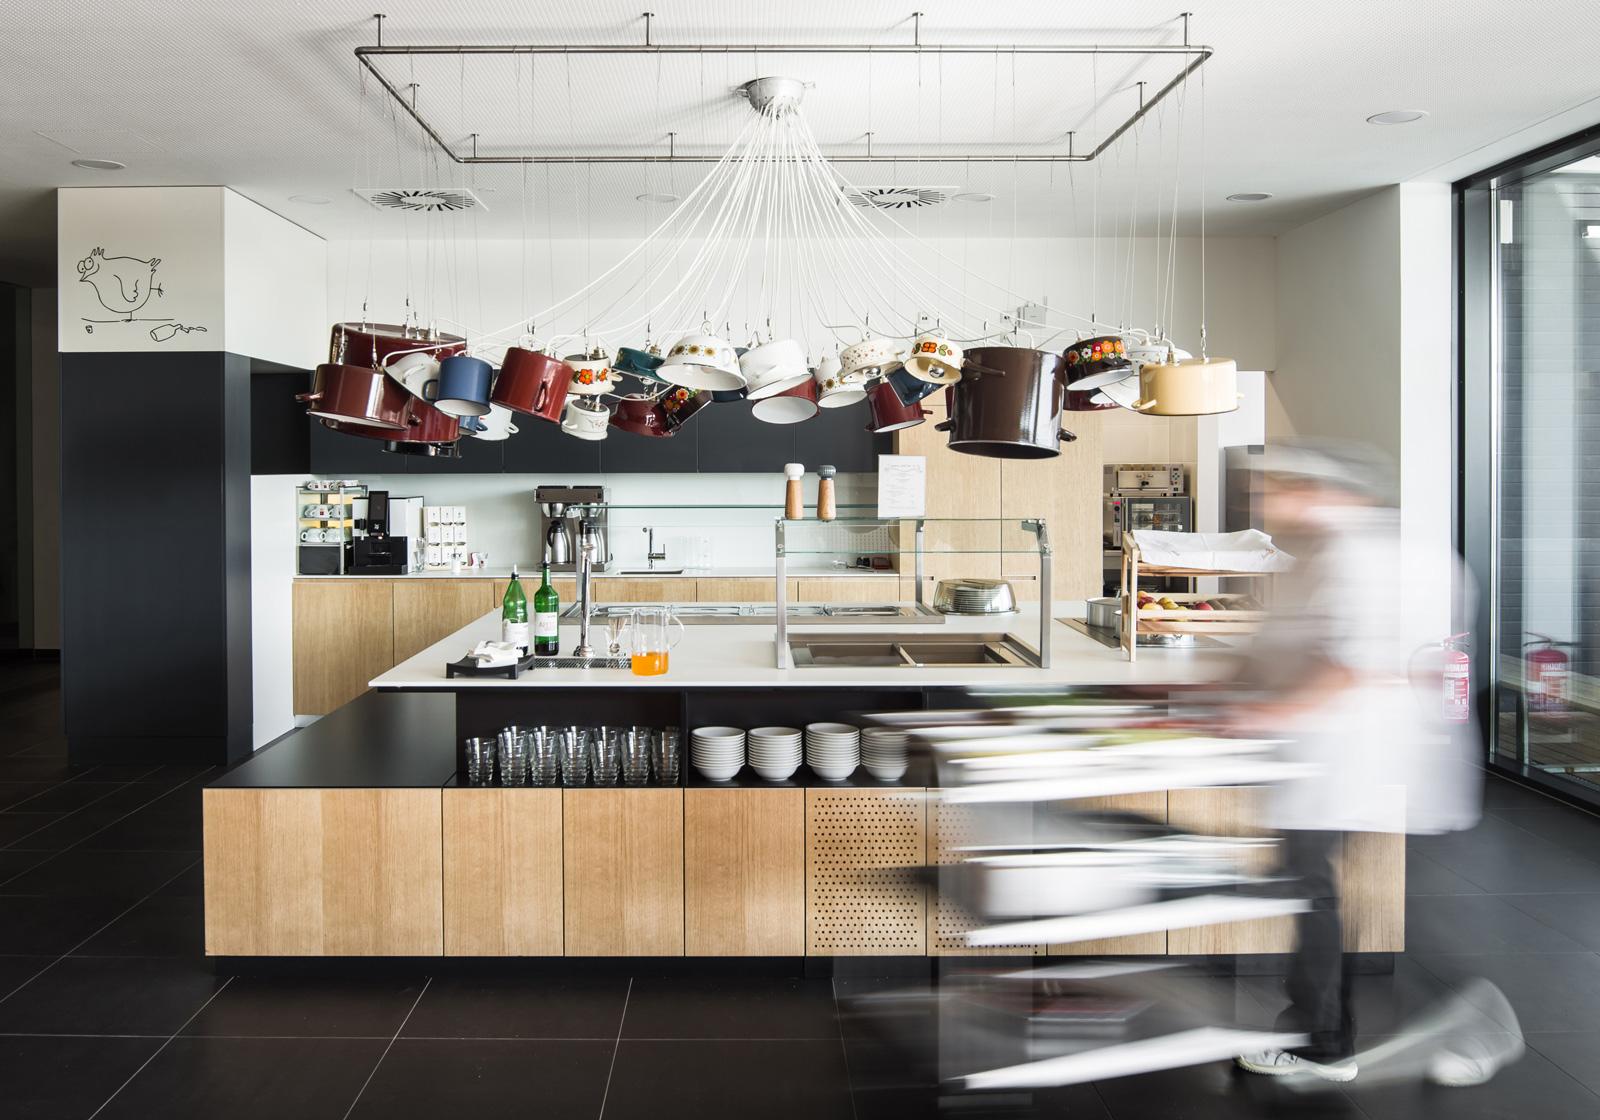 Die magdas Großküche von ATP: sozial engagierte Architektur, die mit Nachhaltigkeit und Design punktet. Foto: ATP/Florian Schaller